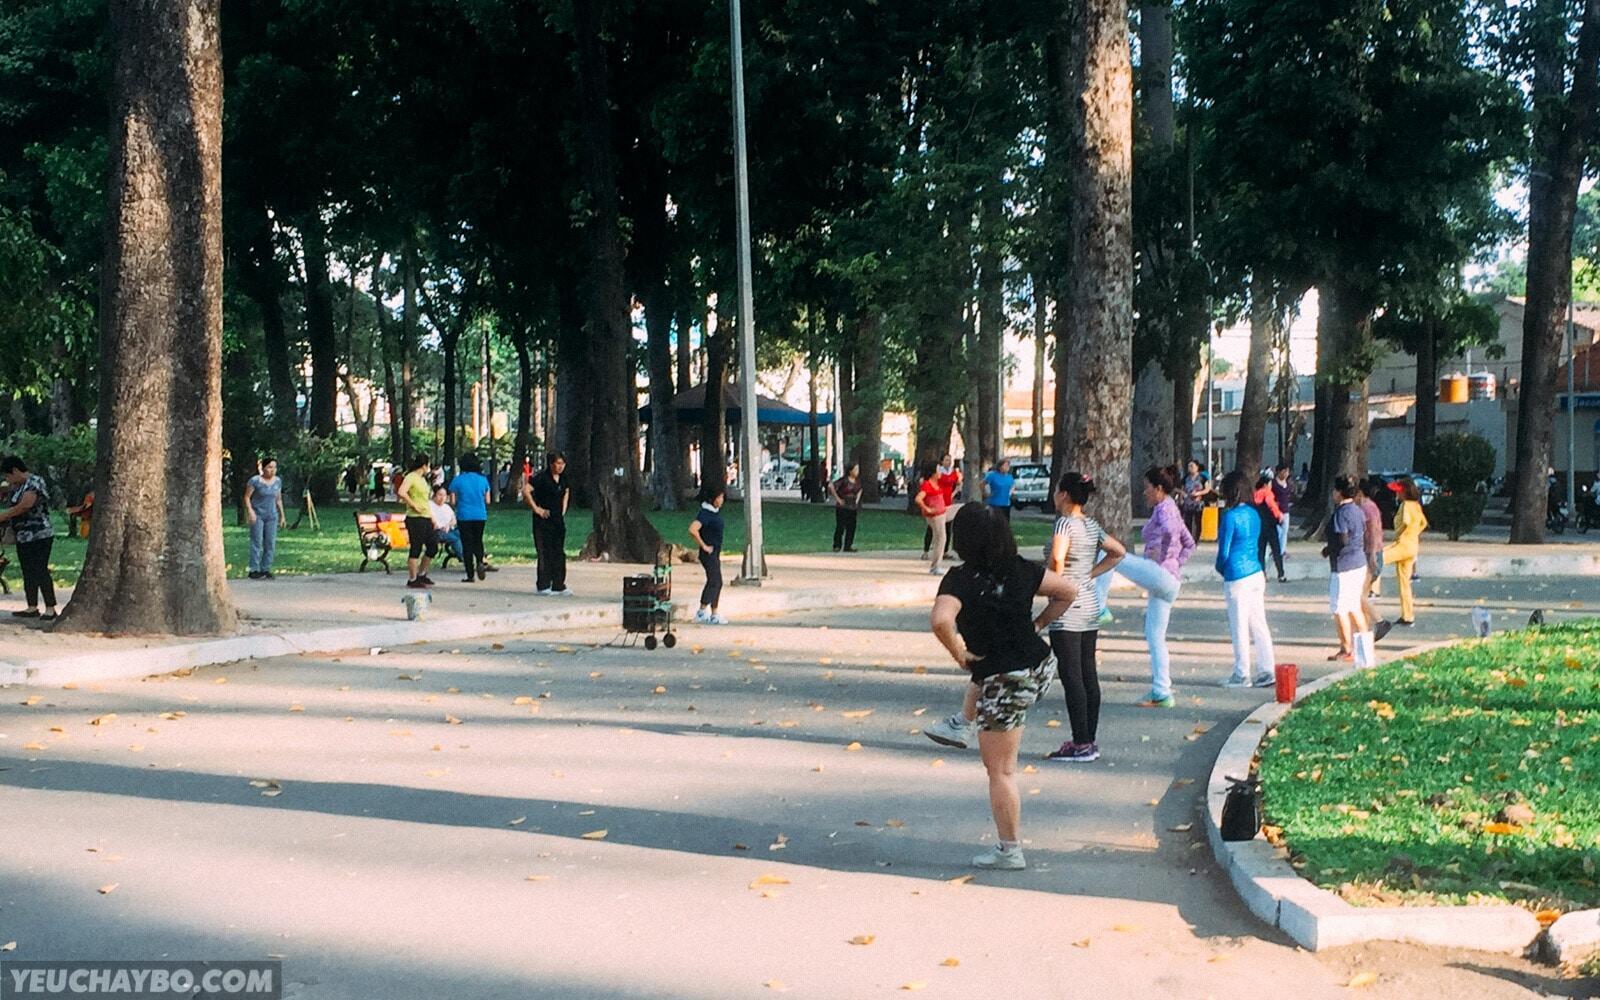 Tổng hợp danh sách địa điểm chạy bộ lý tưởng ở TP. Hồ Chí Minh